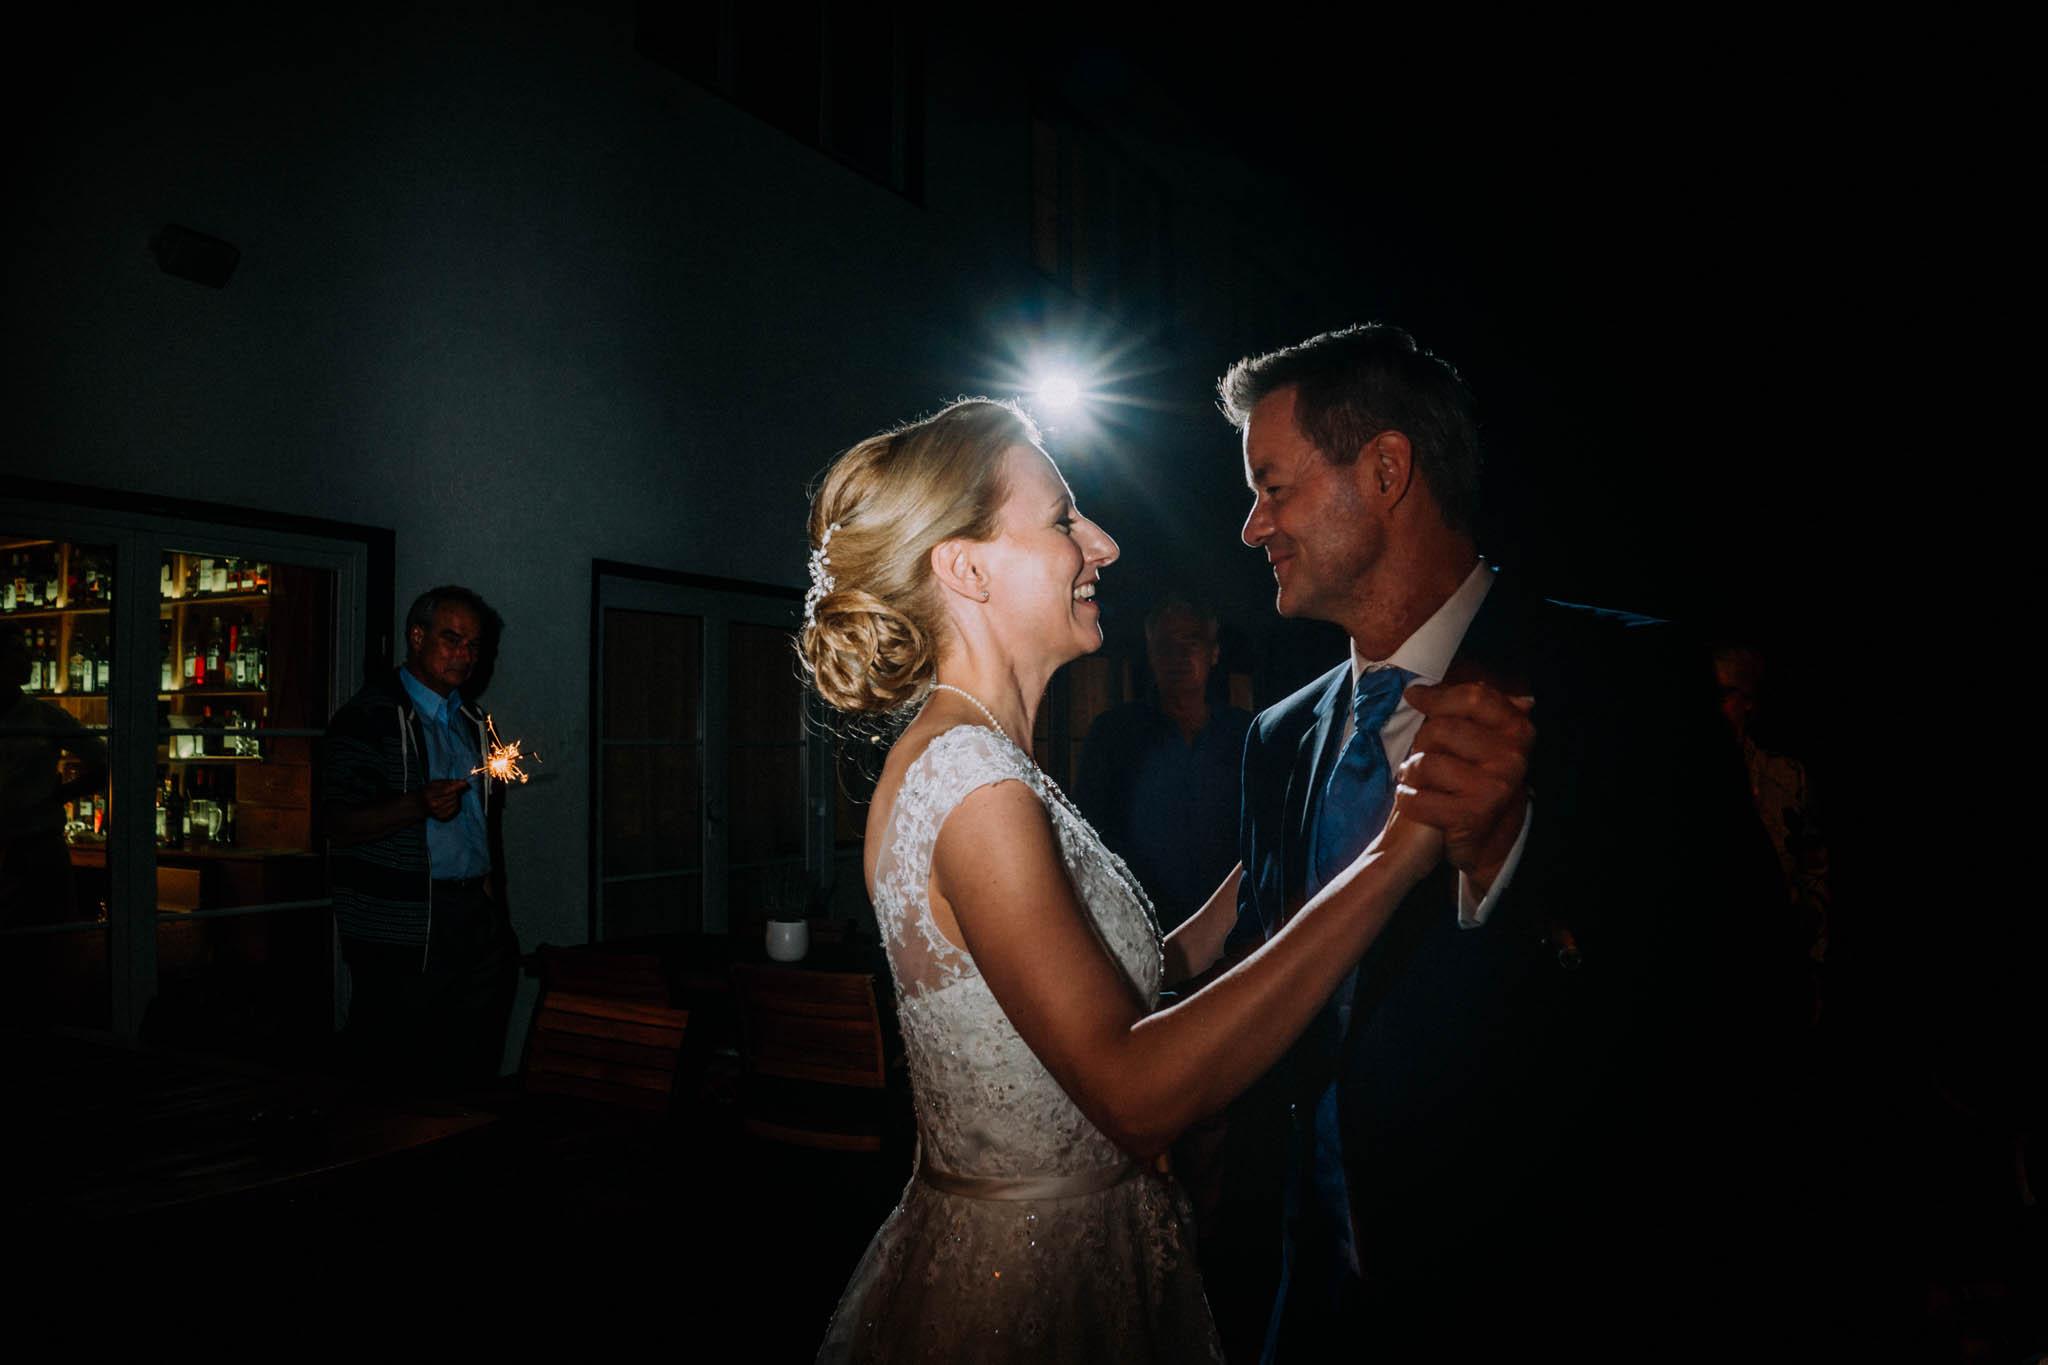 Hochzeitsfieber by Photo-Schomburg, Hochzeitsfotograf, Hamburg,Hochzeitstag, Hochzeitspaar, Braut, Bräutigam, Kaltenkirchen-146